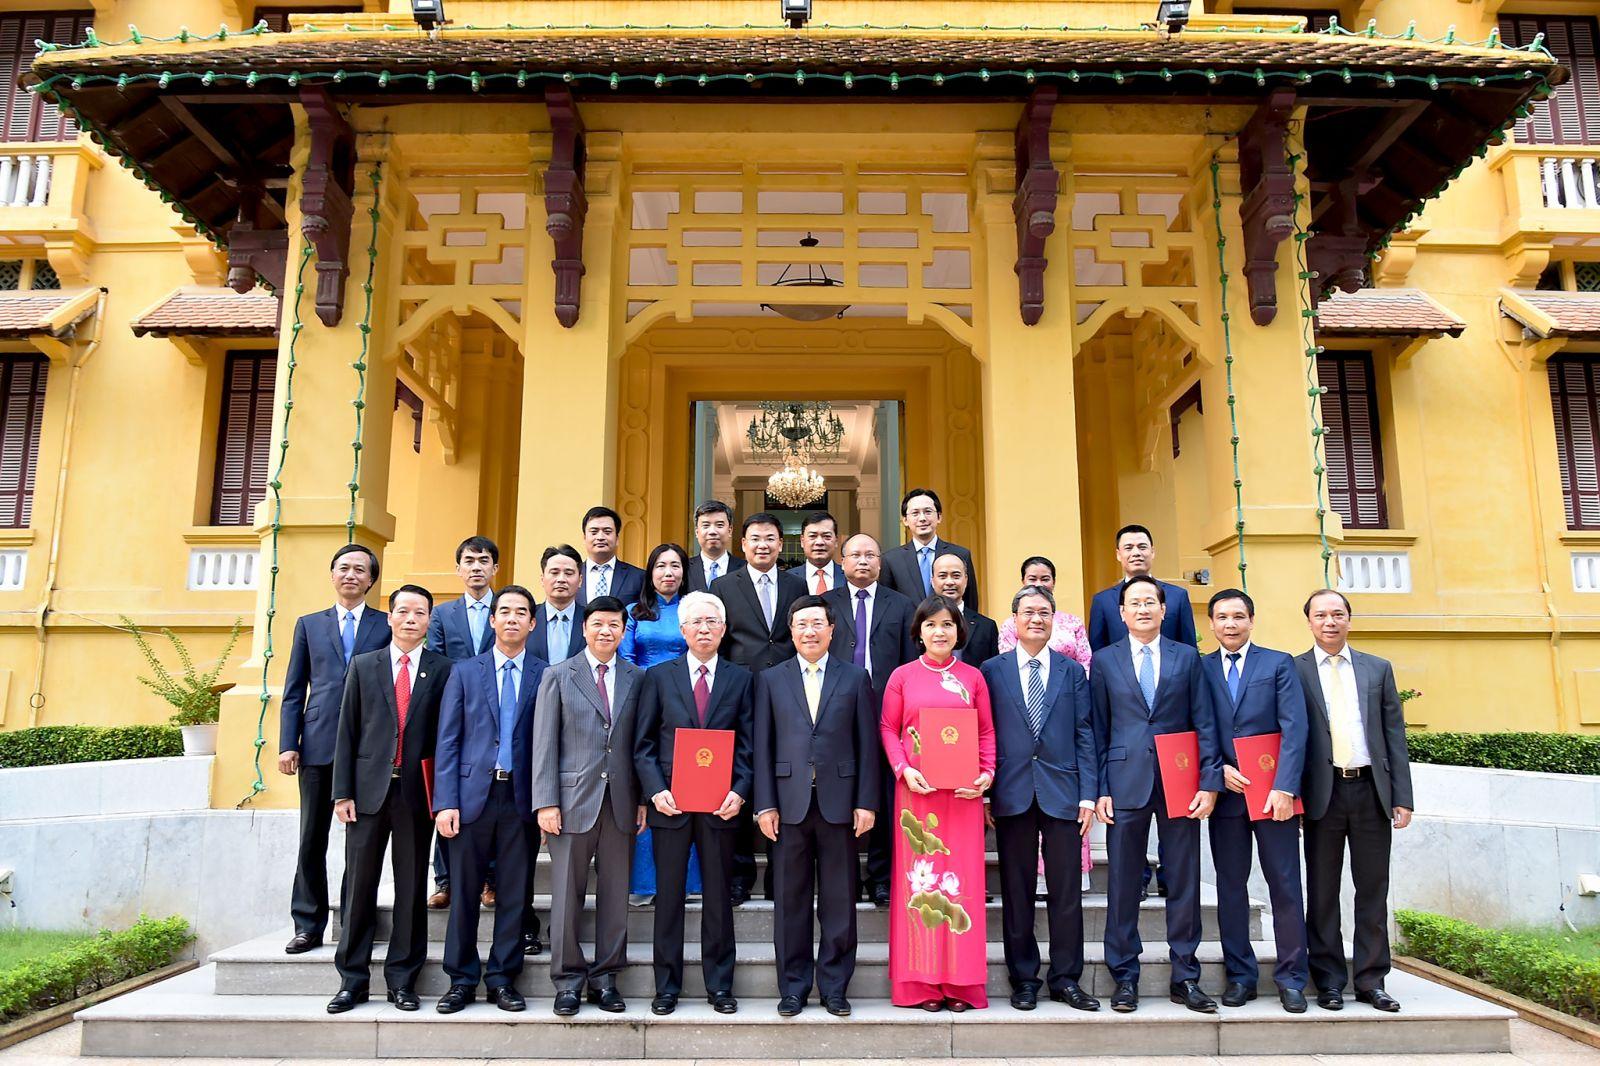 Phó thủ tướng, Bộ trưởng Ngoại giao Phạm Bình Minh, lãnh đạo Bộ Ngoại giao chụp ảnh lưu niệm cùng các tân Đại sứ. Ảnh: VGP